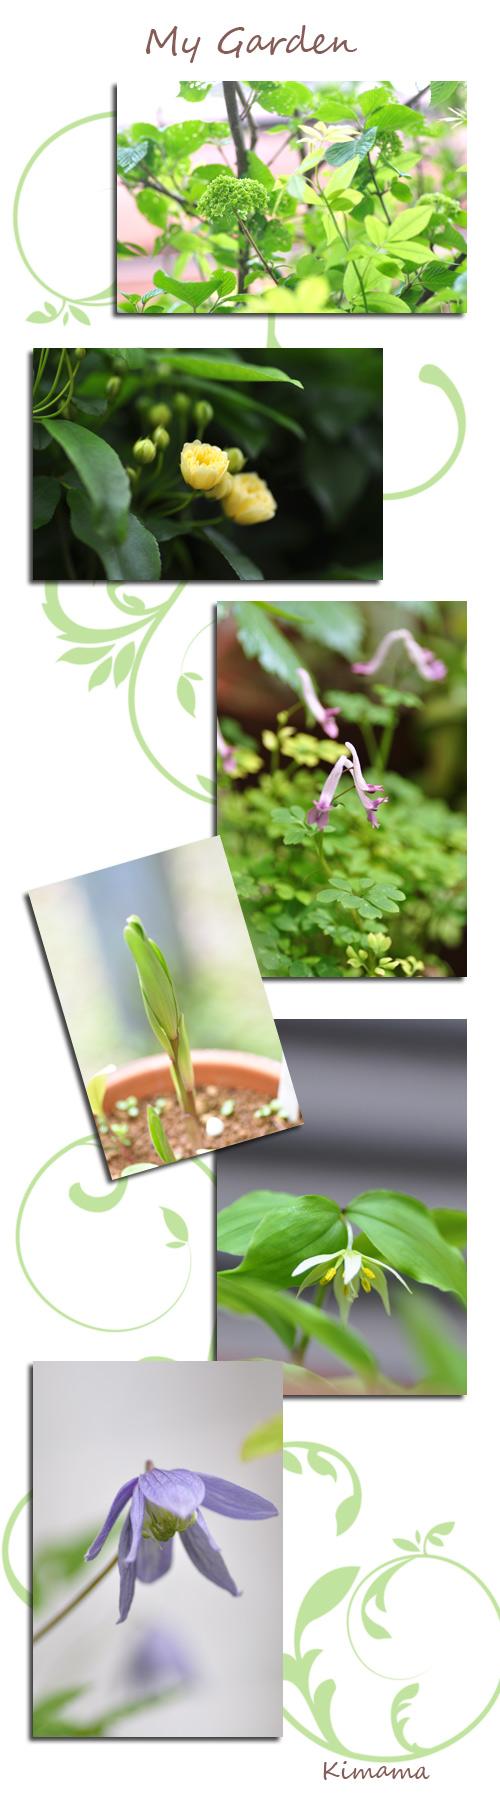 4月21日庭の花